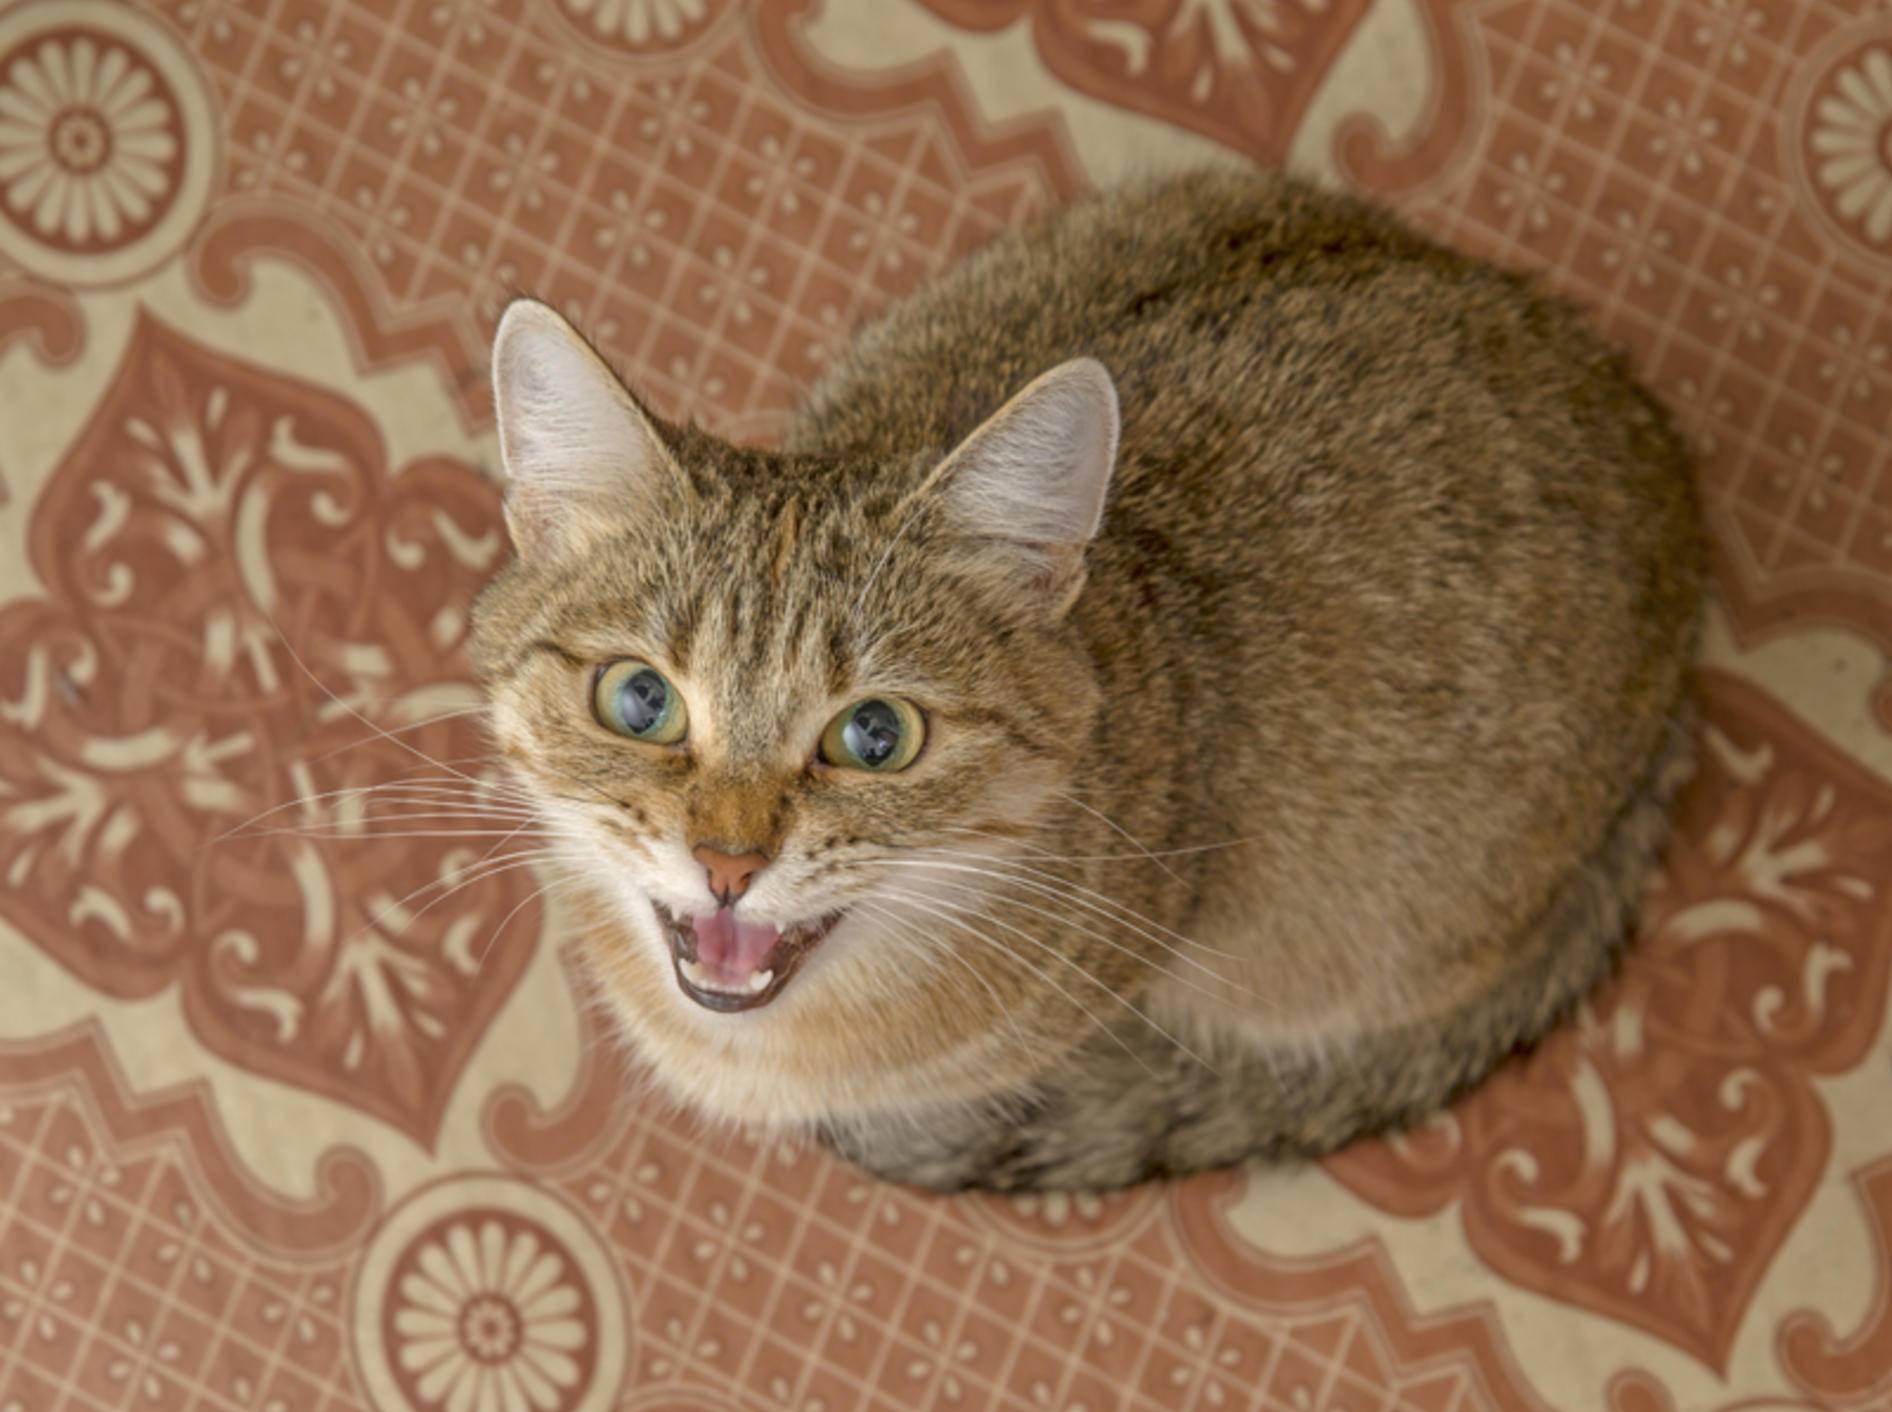 """""""Miau!"""": Diese Katze will ihrem Menschen etwas mitteilen – Shutterstock / maradon 333"""